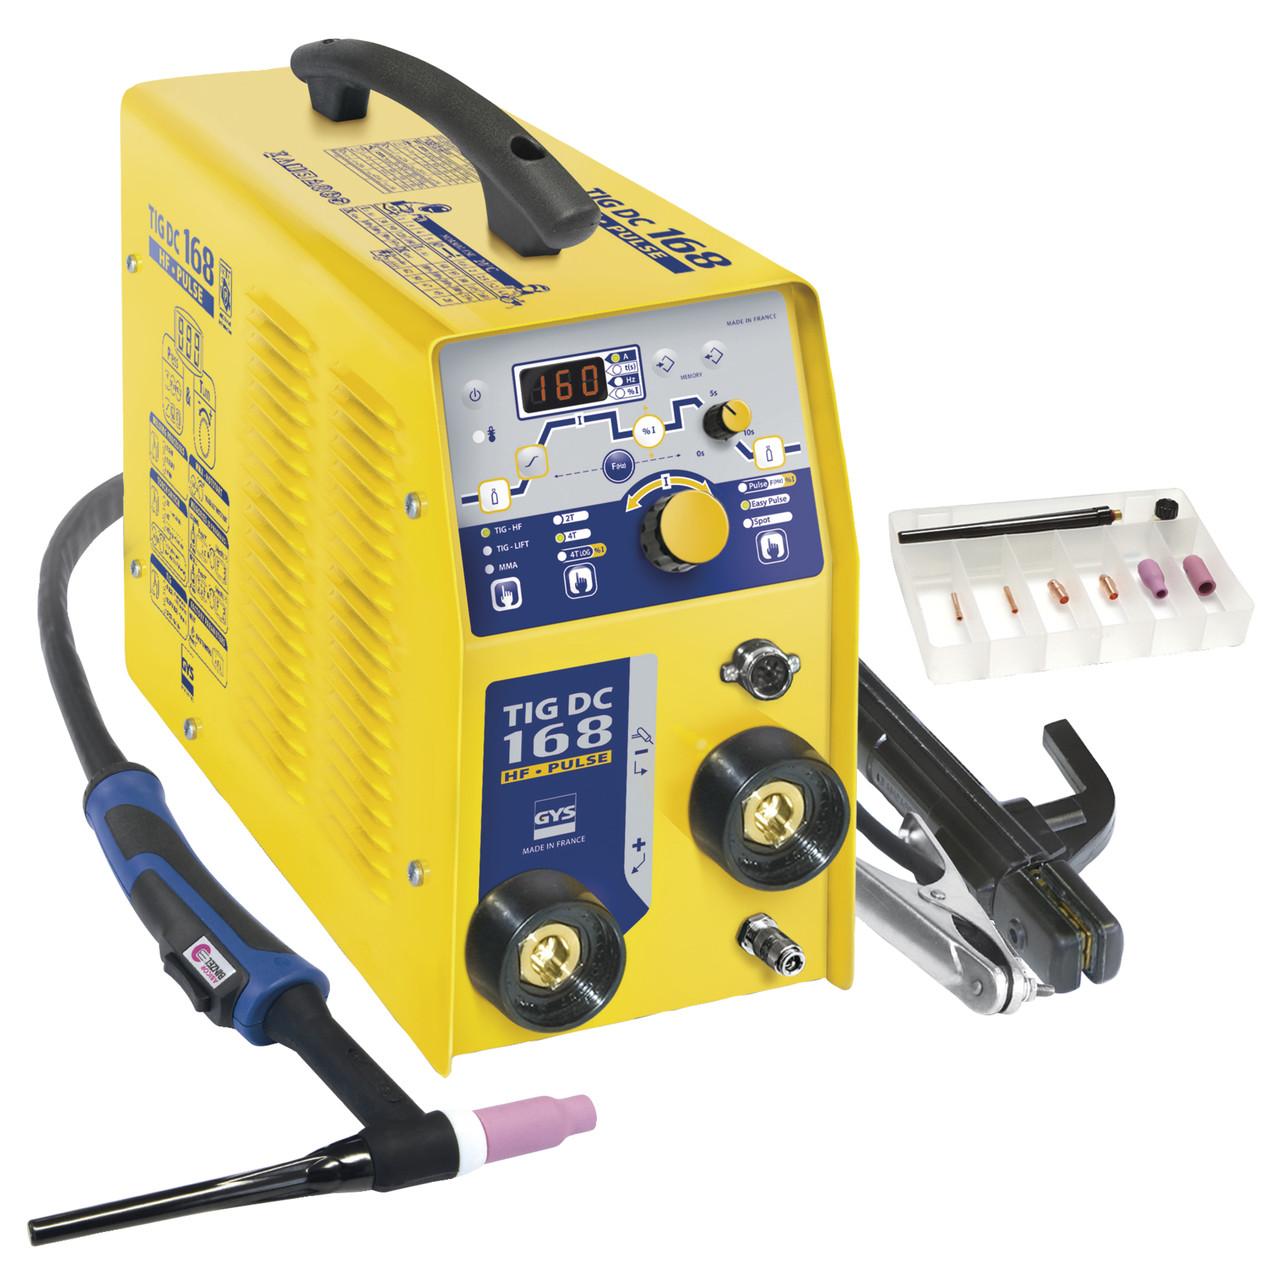 Сварочный инвертор GYS TIG 168 DC HF (аксессуары SR17DB-4M)